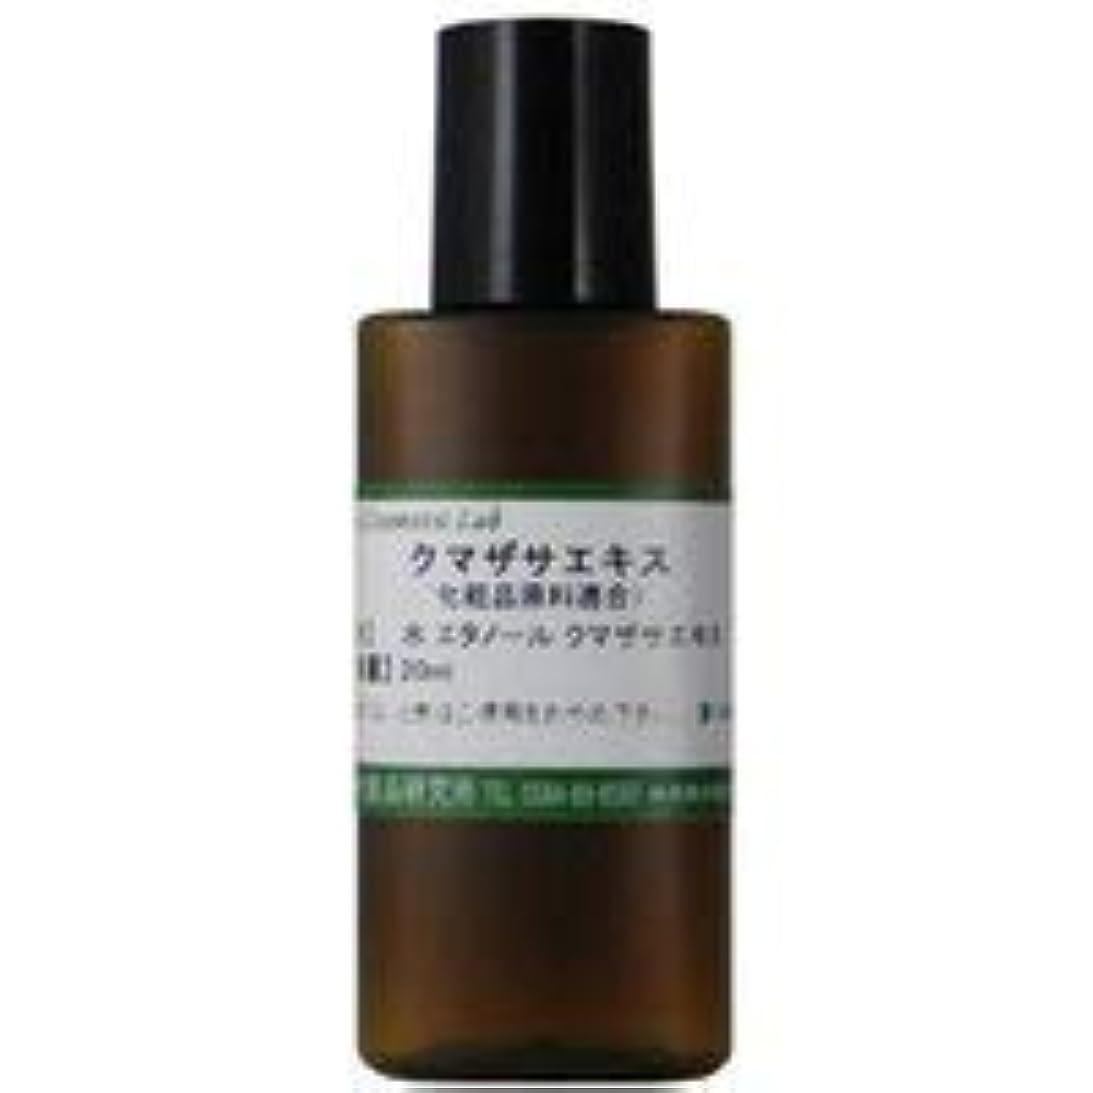 褐色旧正月誤解するクマザサエキス 化粧品原料 20ml